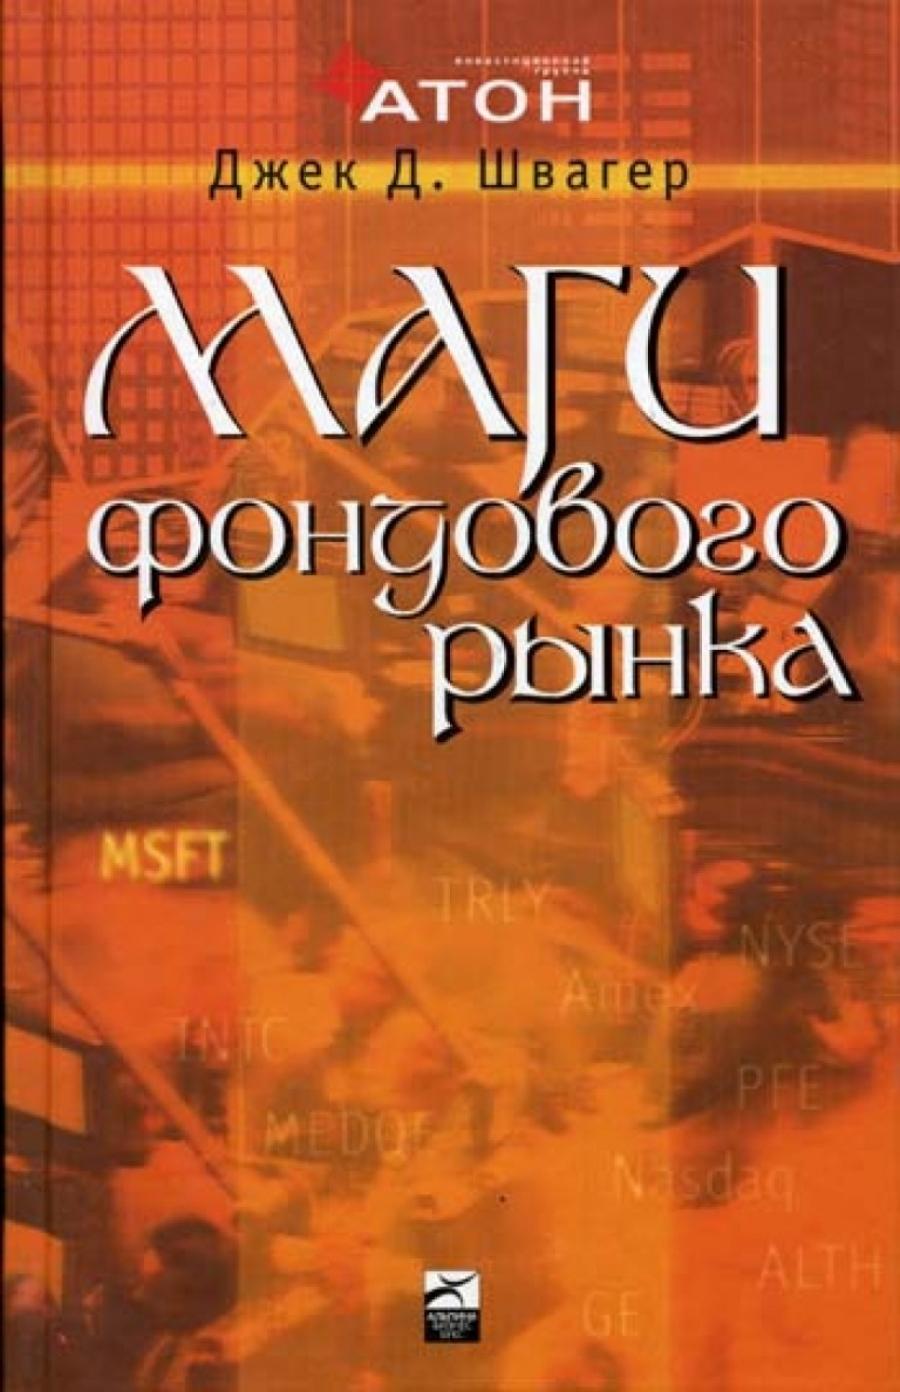 Обложка книги:  маги рынка - джек д. швагер - маги фондового рынка